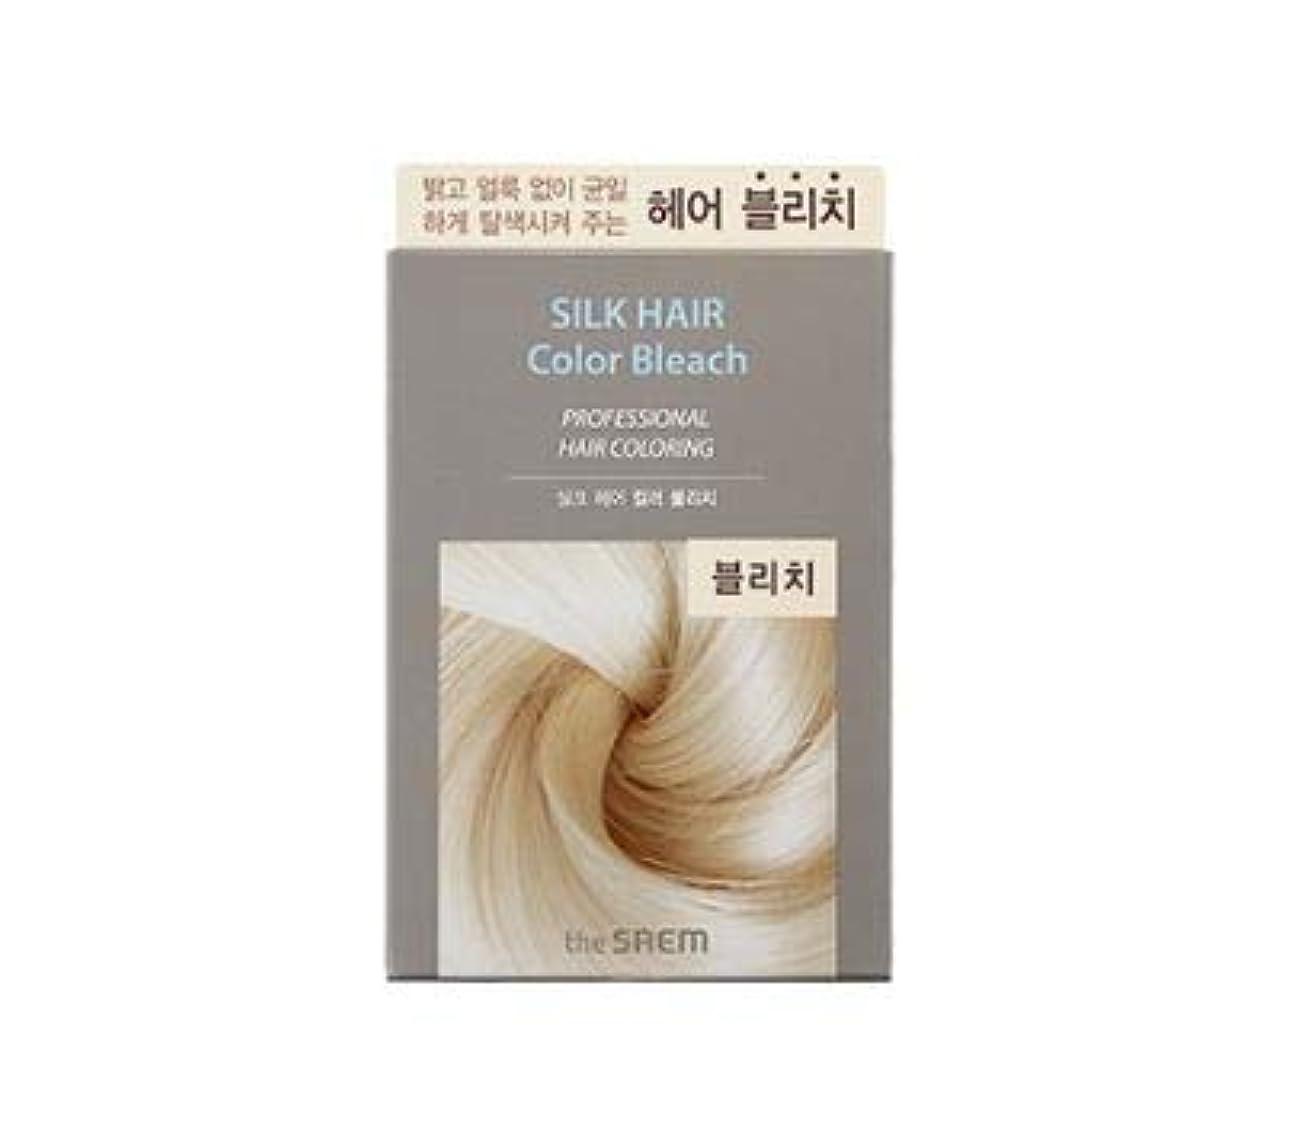 シャワーもつれ凝視The Saem SliK Hair Color Bleach ザセムシルクヘアカラーブリーチ [並行輸入品]